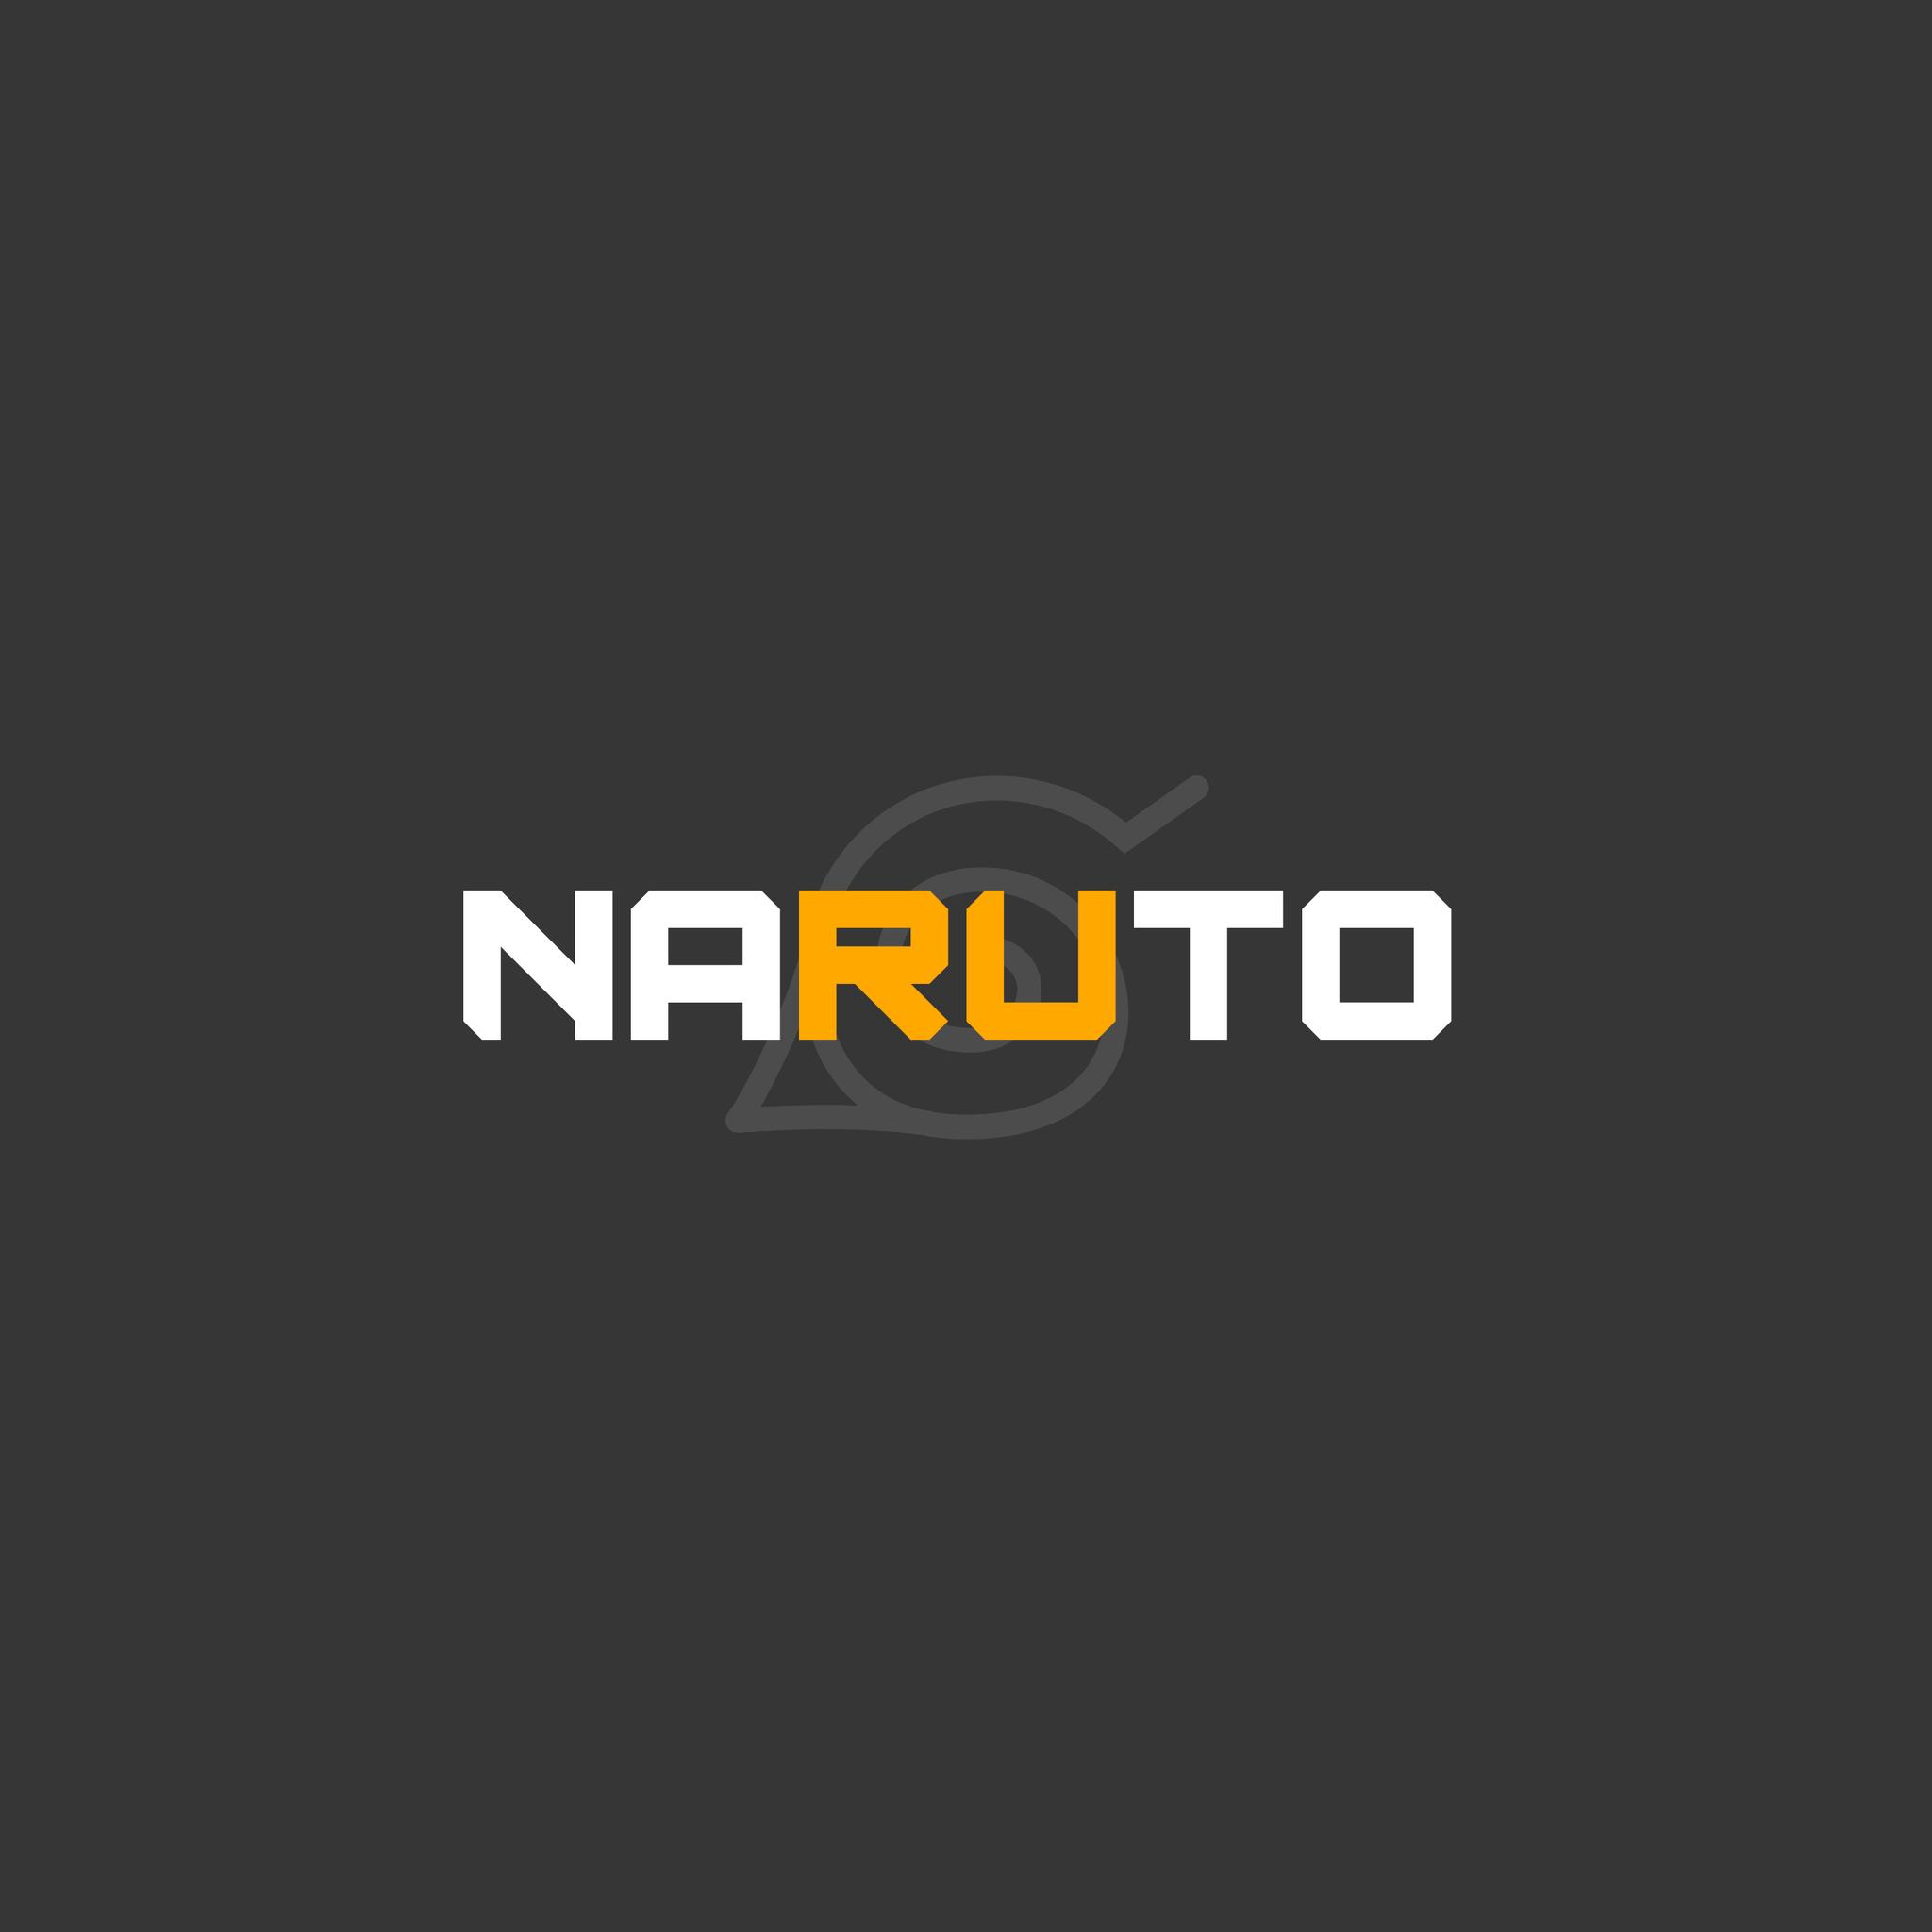 naruto-hidden-village-logo-minimal-5k-e7.jpg